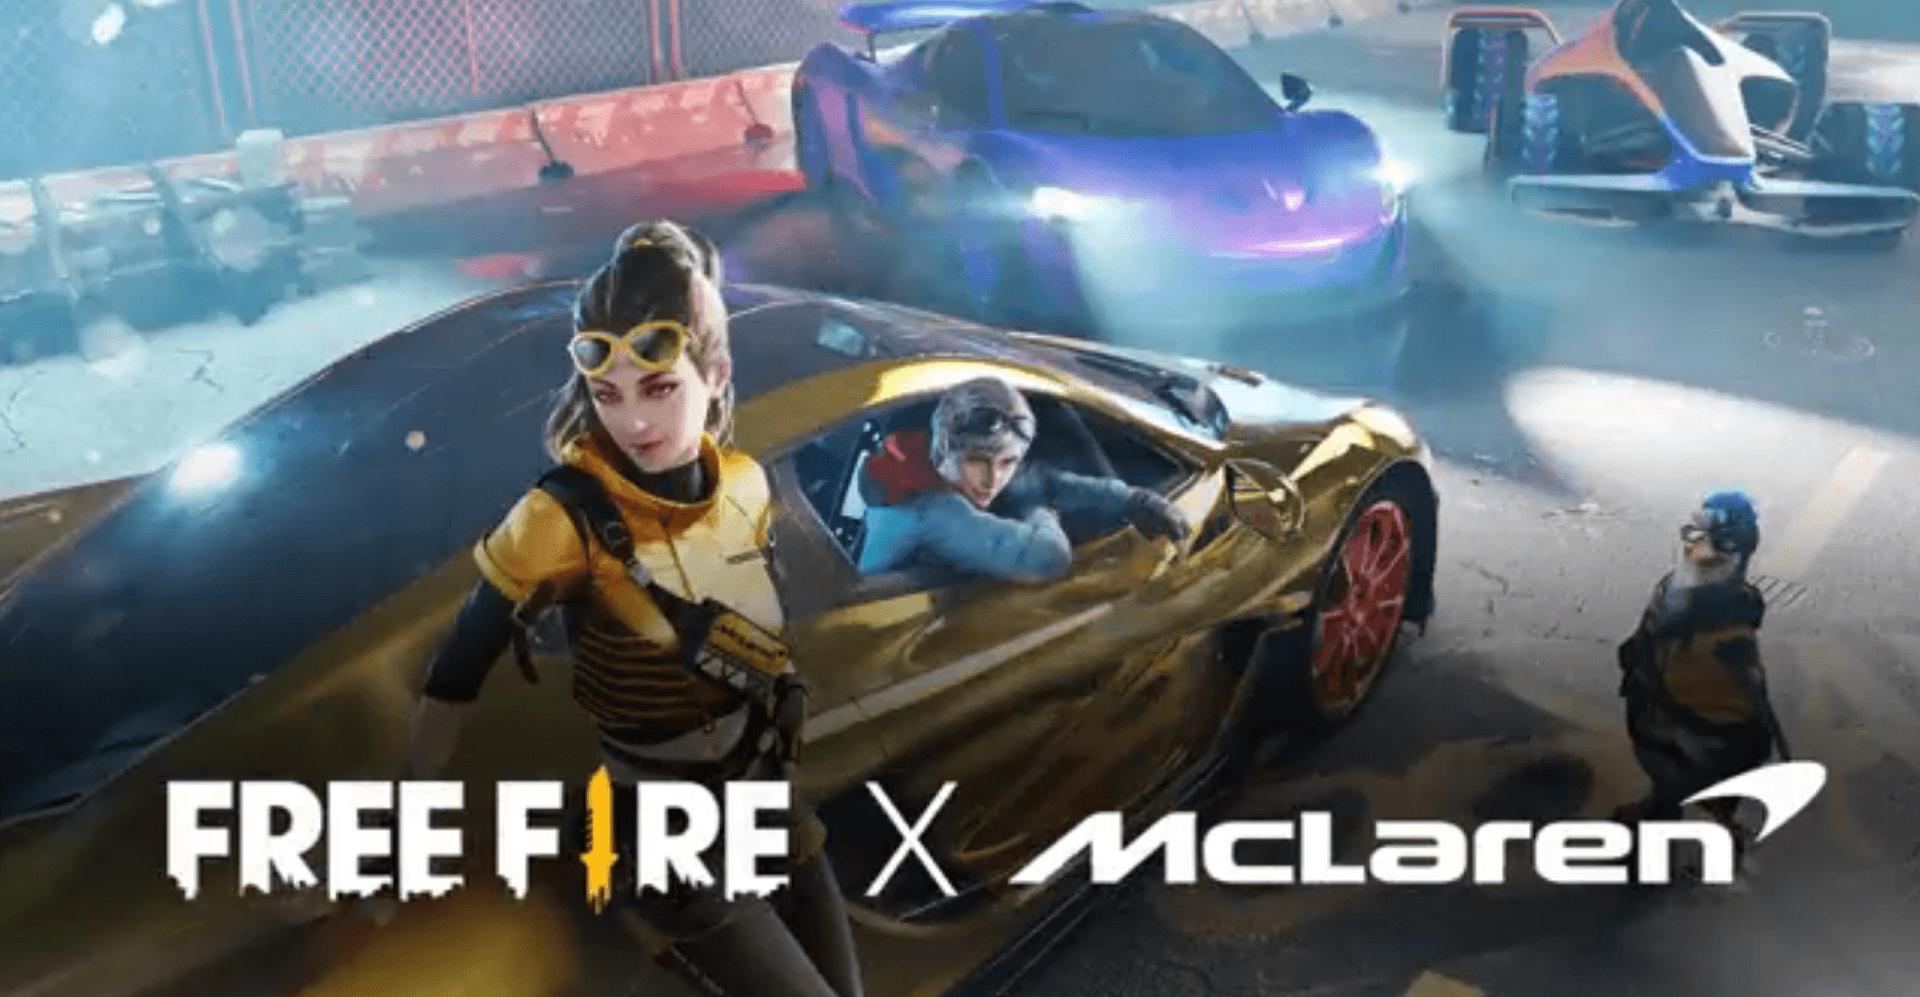 تطلق  لعبة Free Fire مركبة MCLFF المستقبلية كجزء من تعاون McLaren